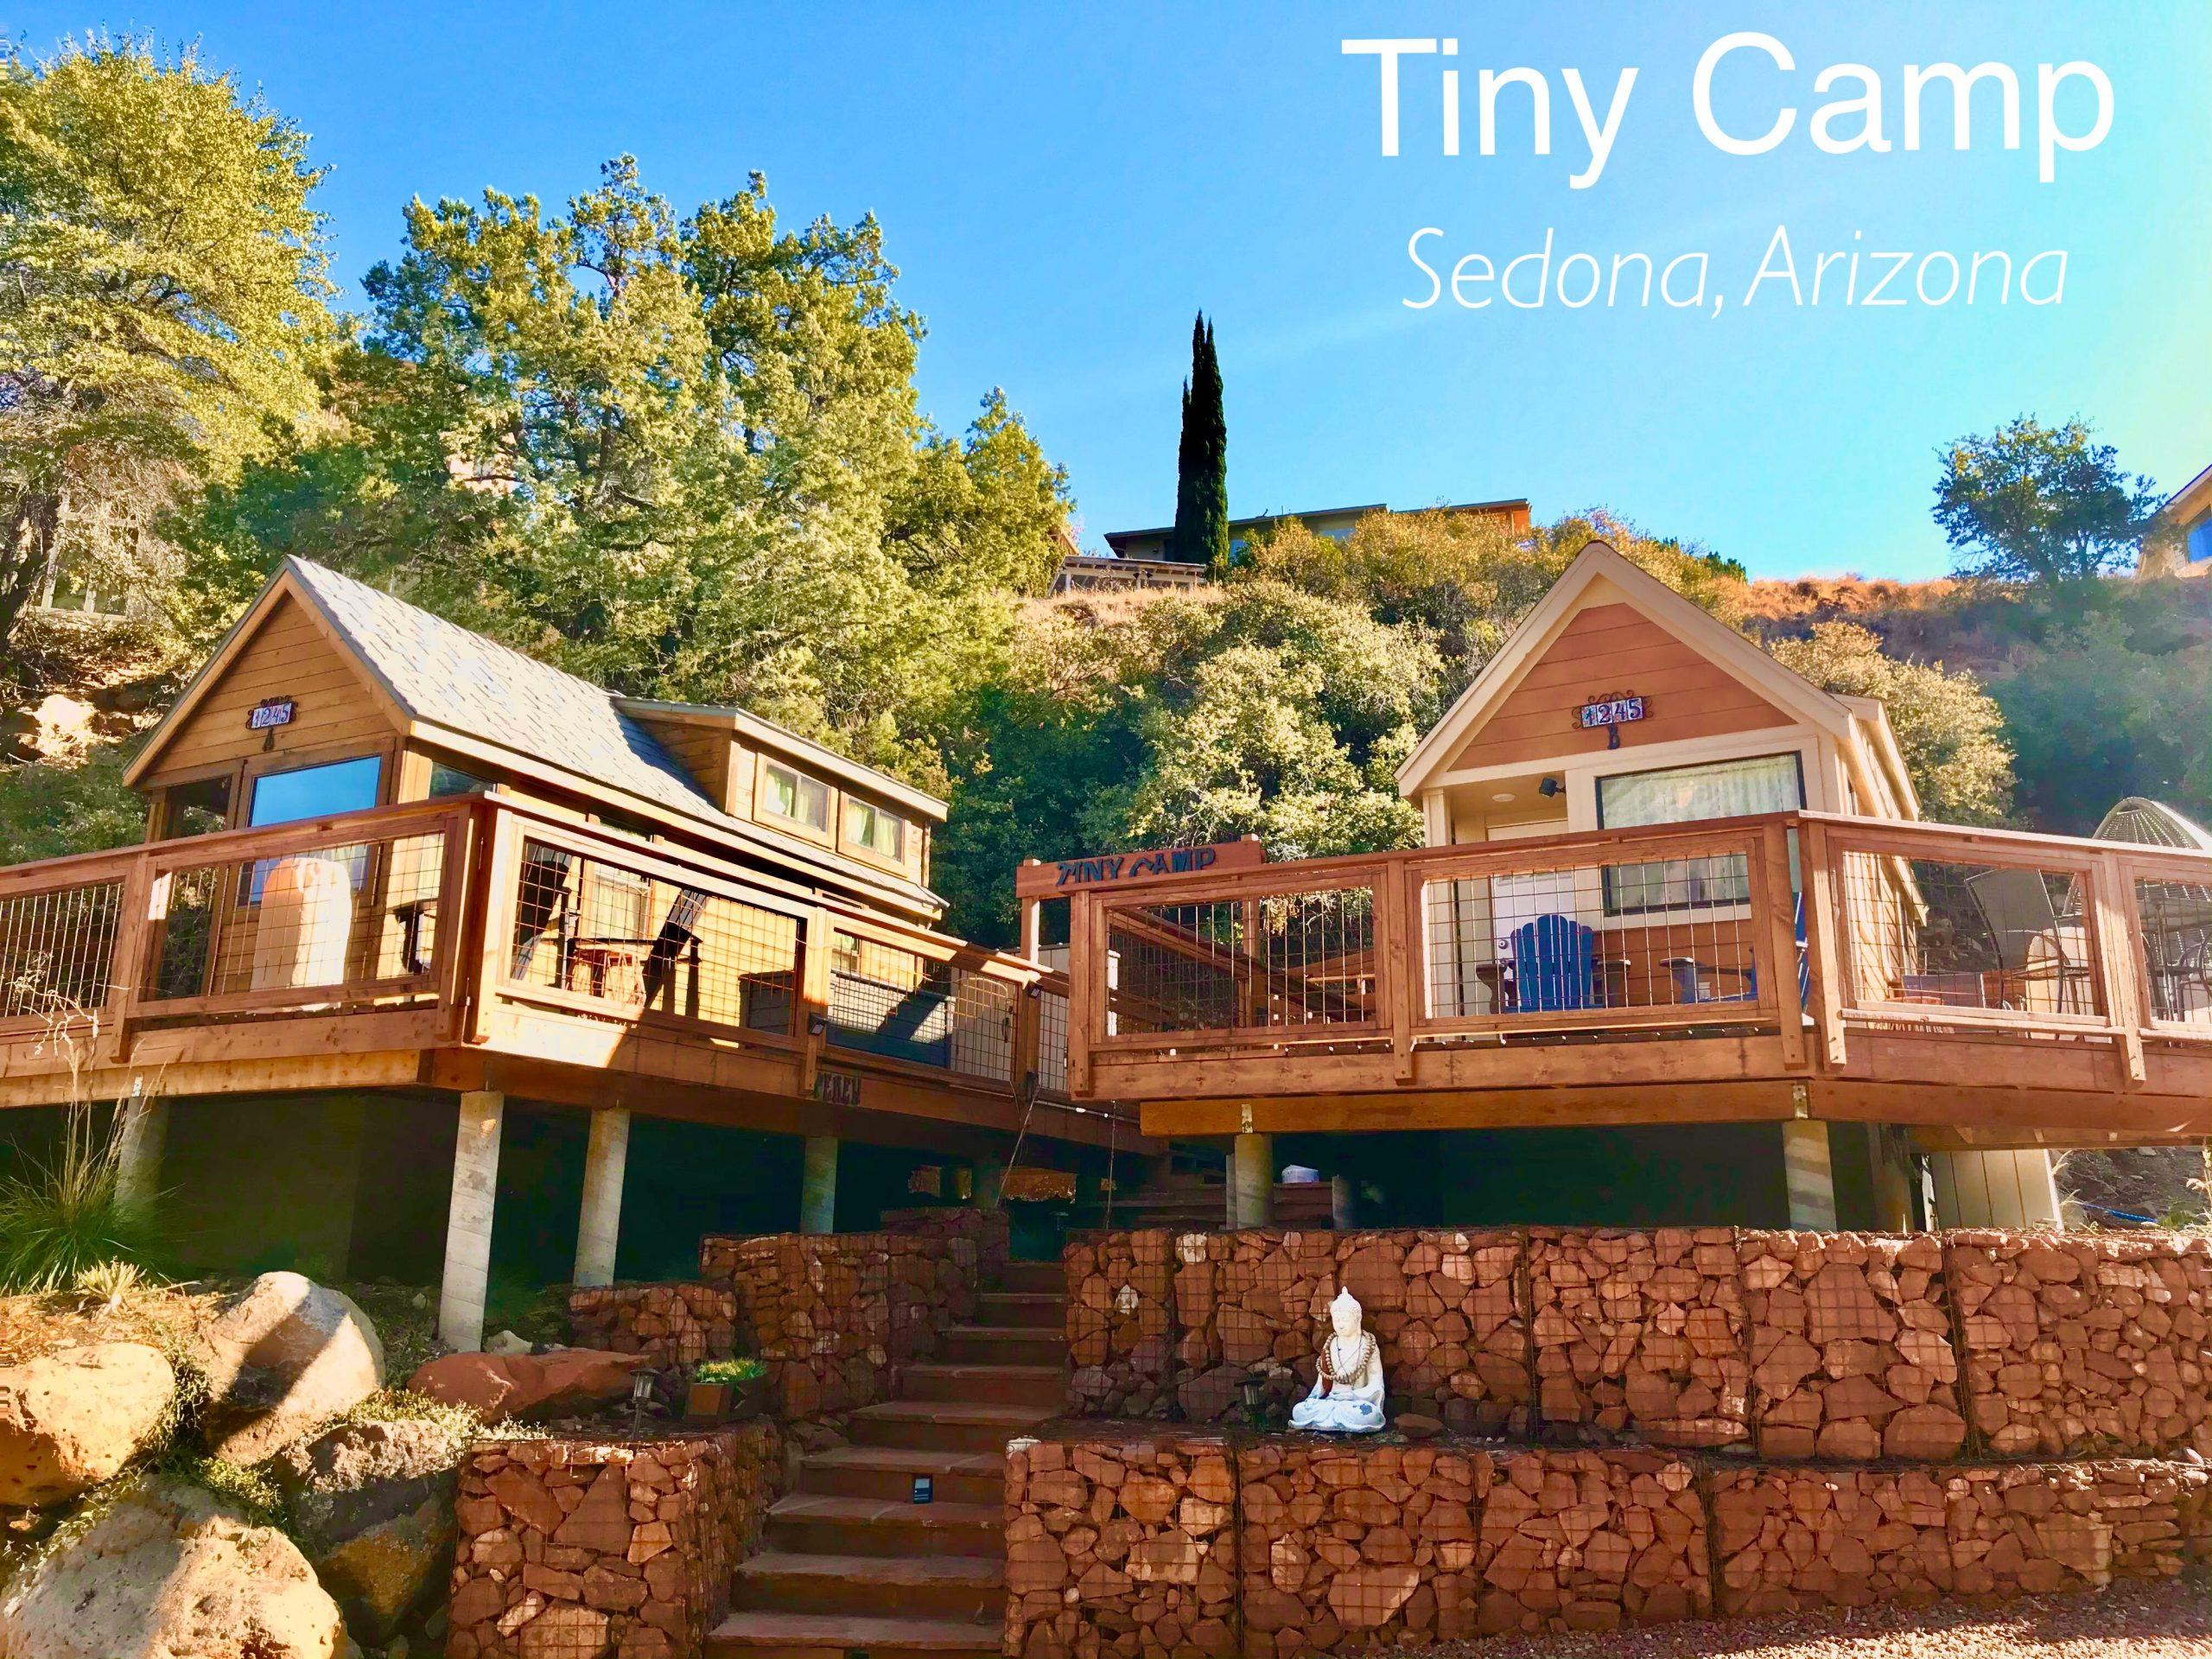 tiny travel chick tiny camp sedona